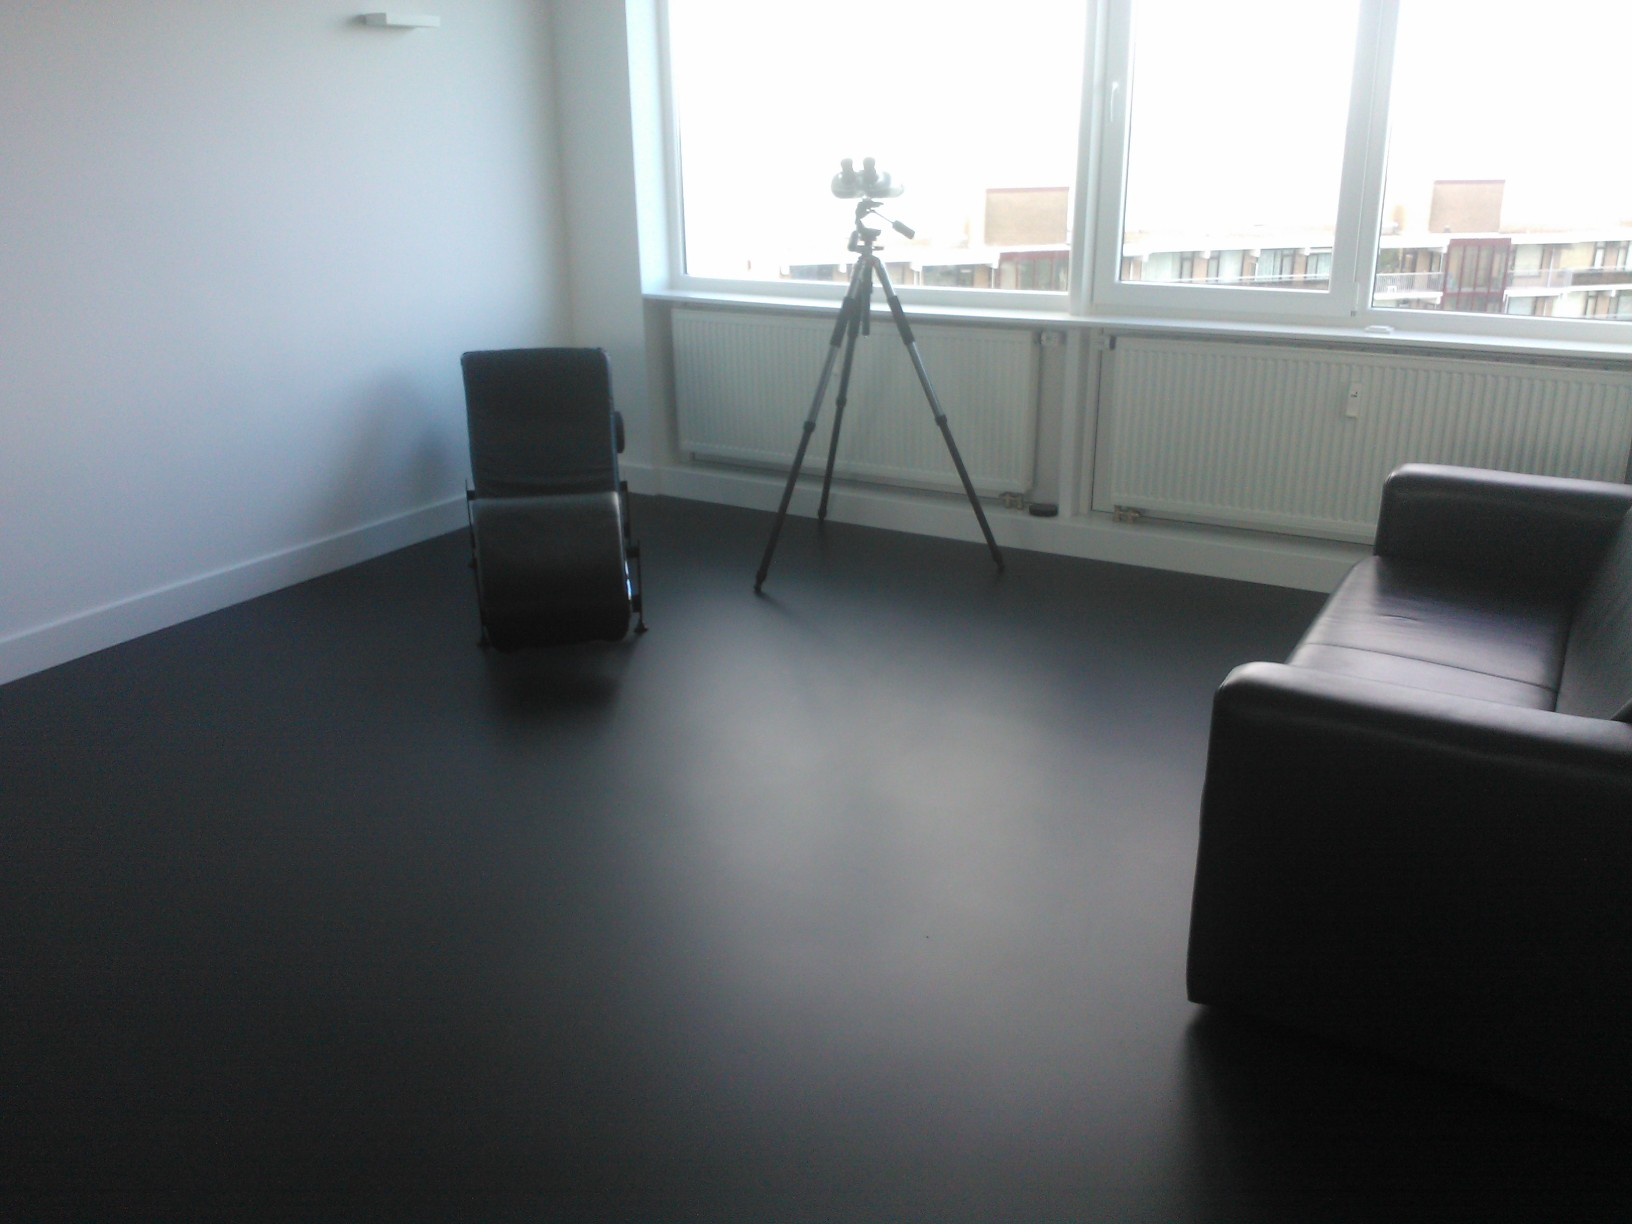 Vinyl vloer zwart: gietvloer strakke vloer in woonkamer en badkamer